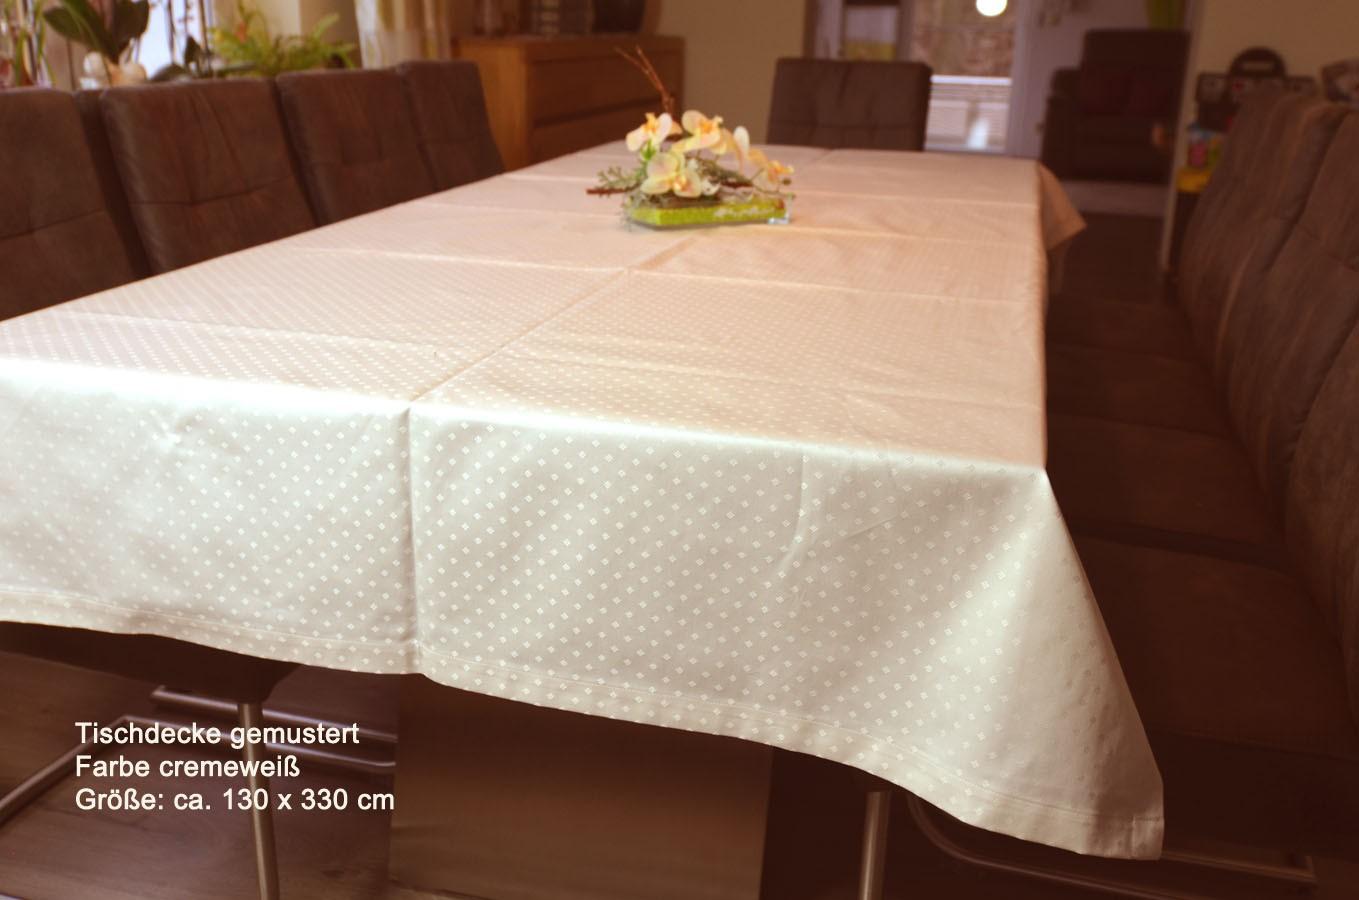 Tischwäsche Tischdecke 130 x 330 cm cremeweiß gemustert